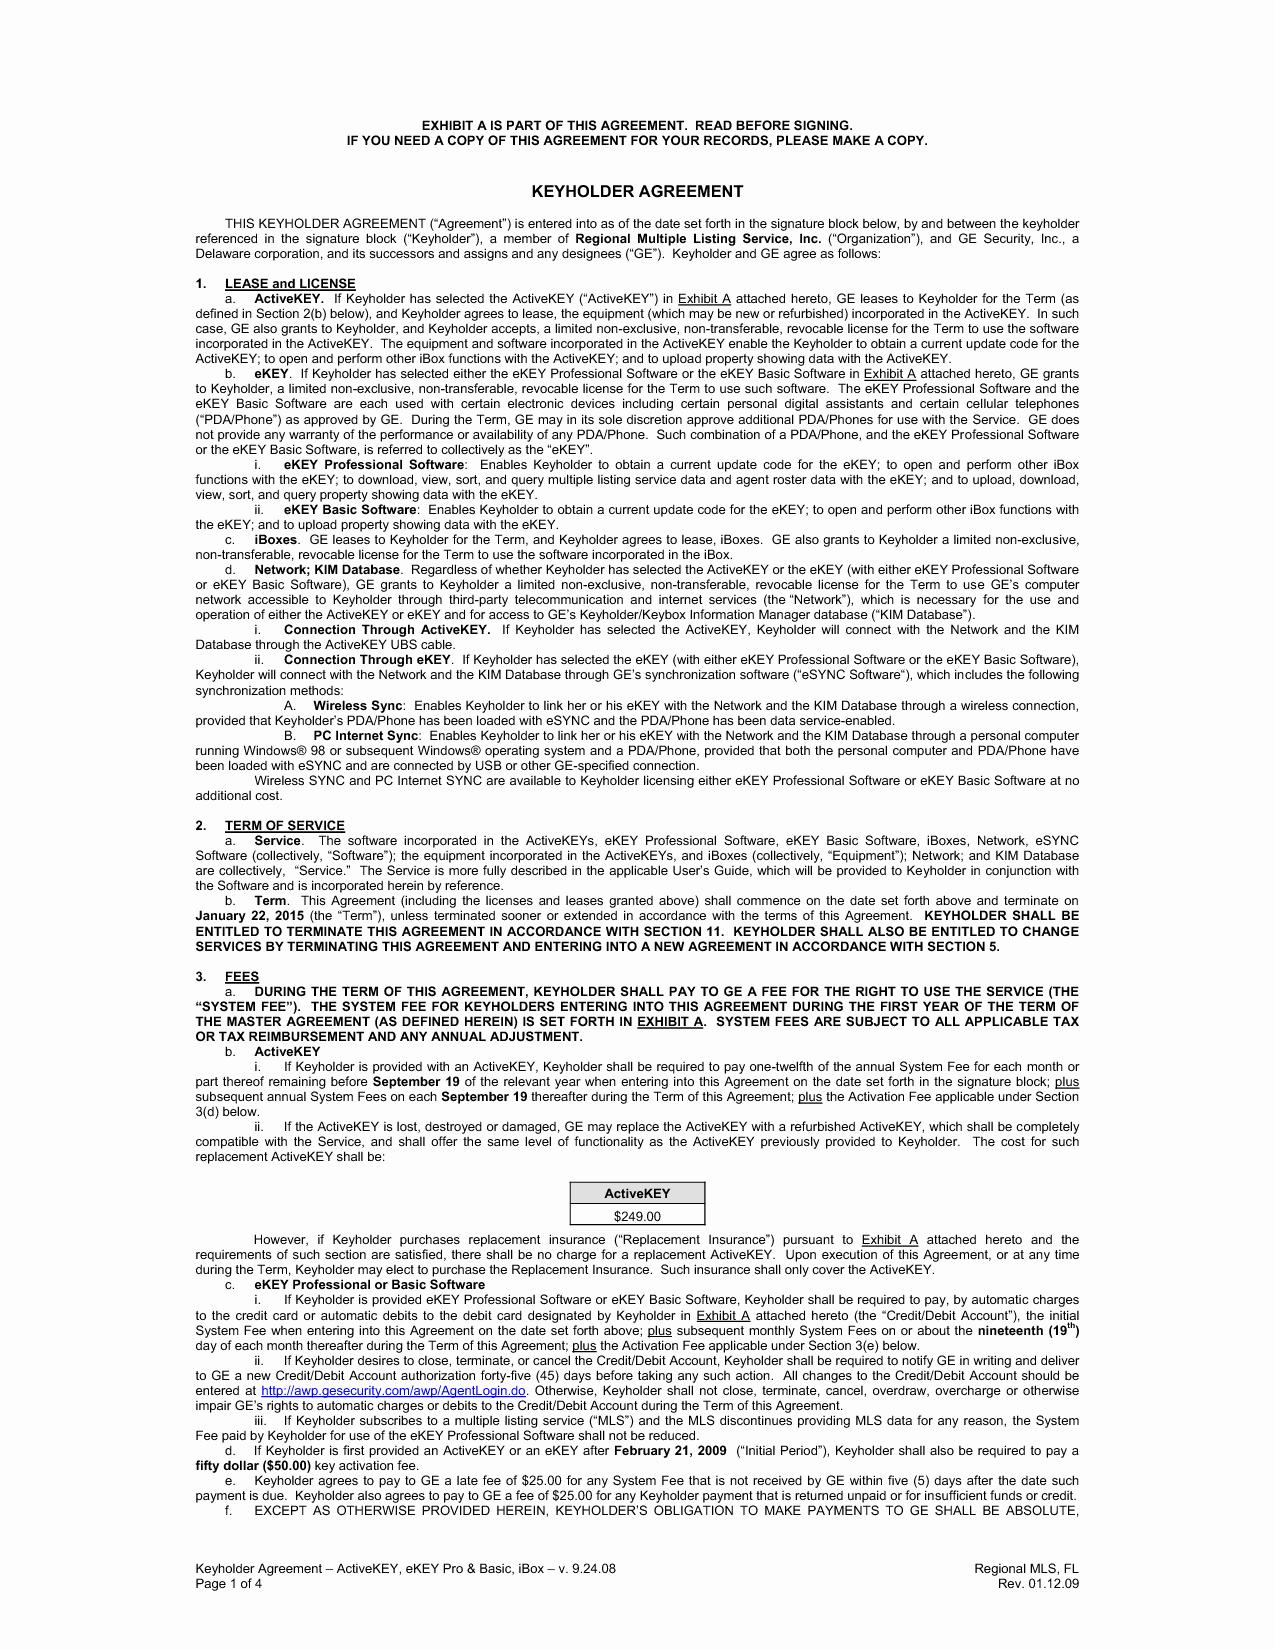 Employee Key Agreement form Beautiful Best S Of Key Agreement Template Employee Key